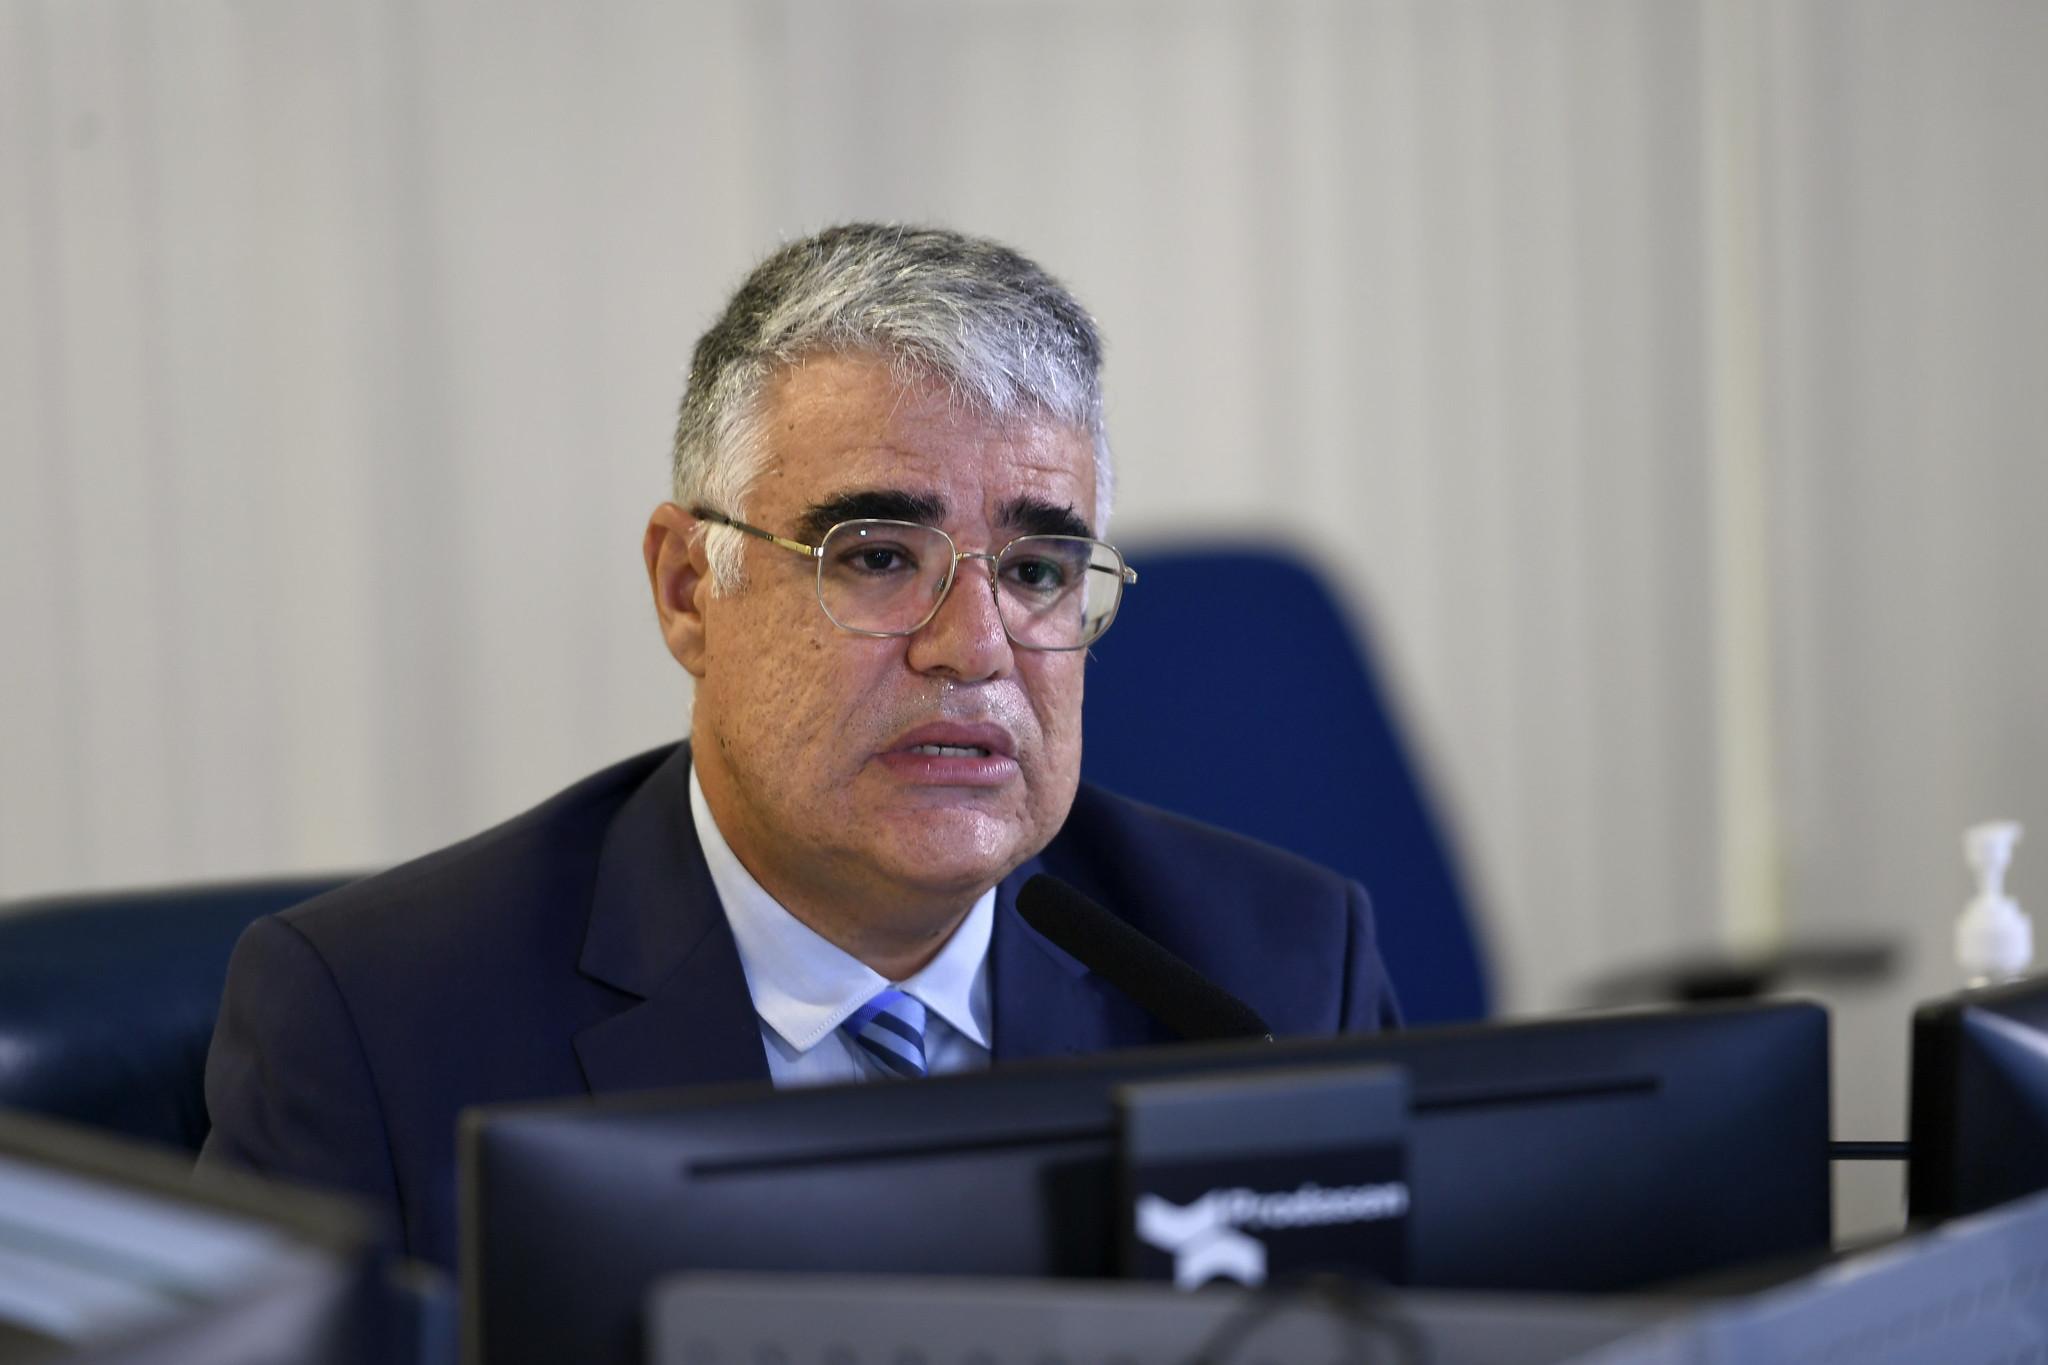 Senador Eduardo Girão (Podemos-CE) em sessão sobre a Covid-19